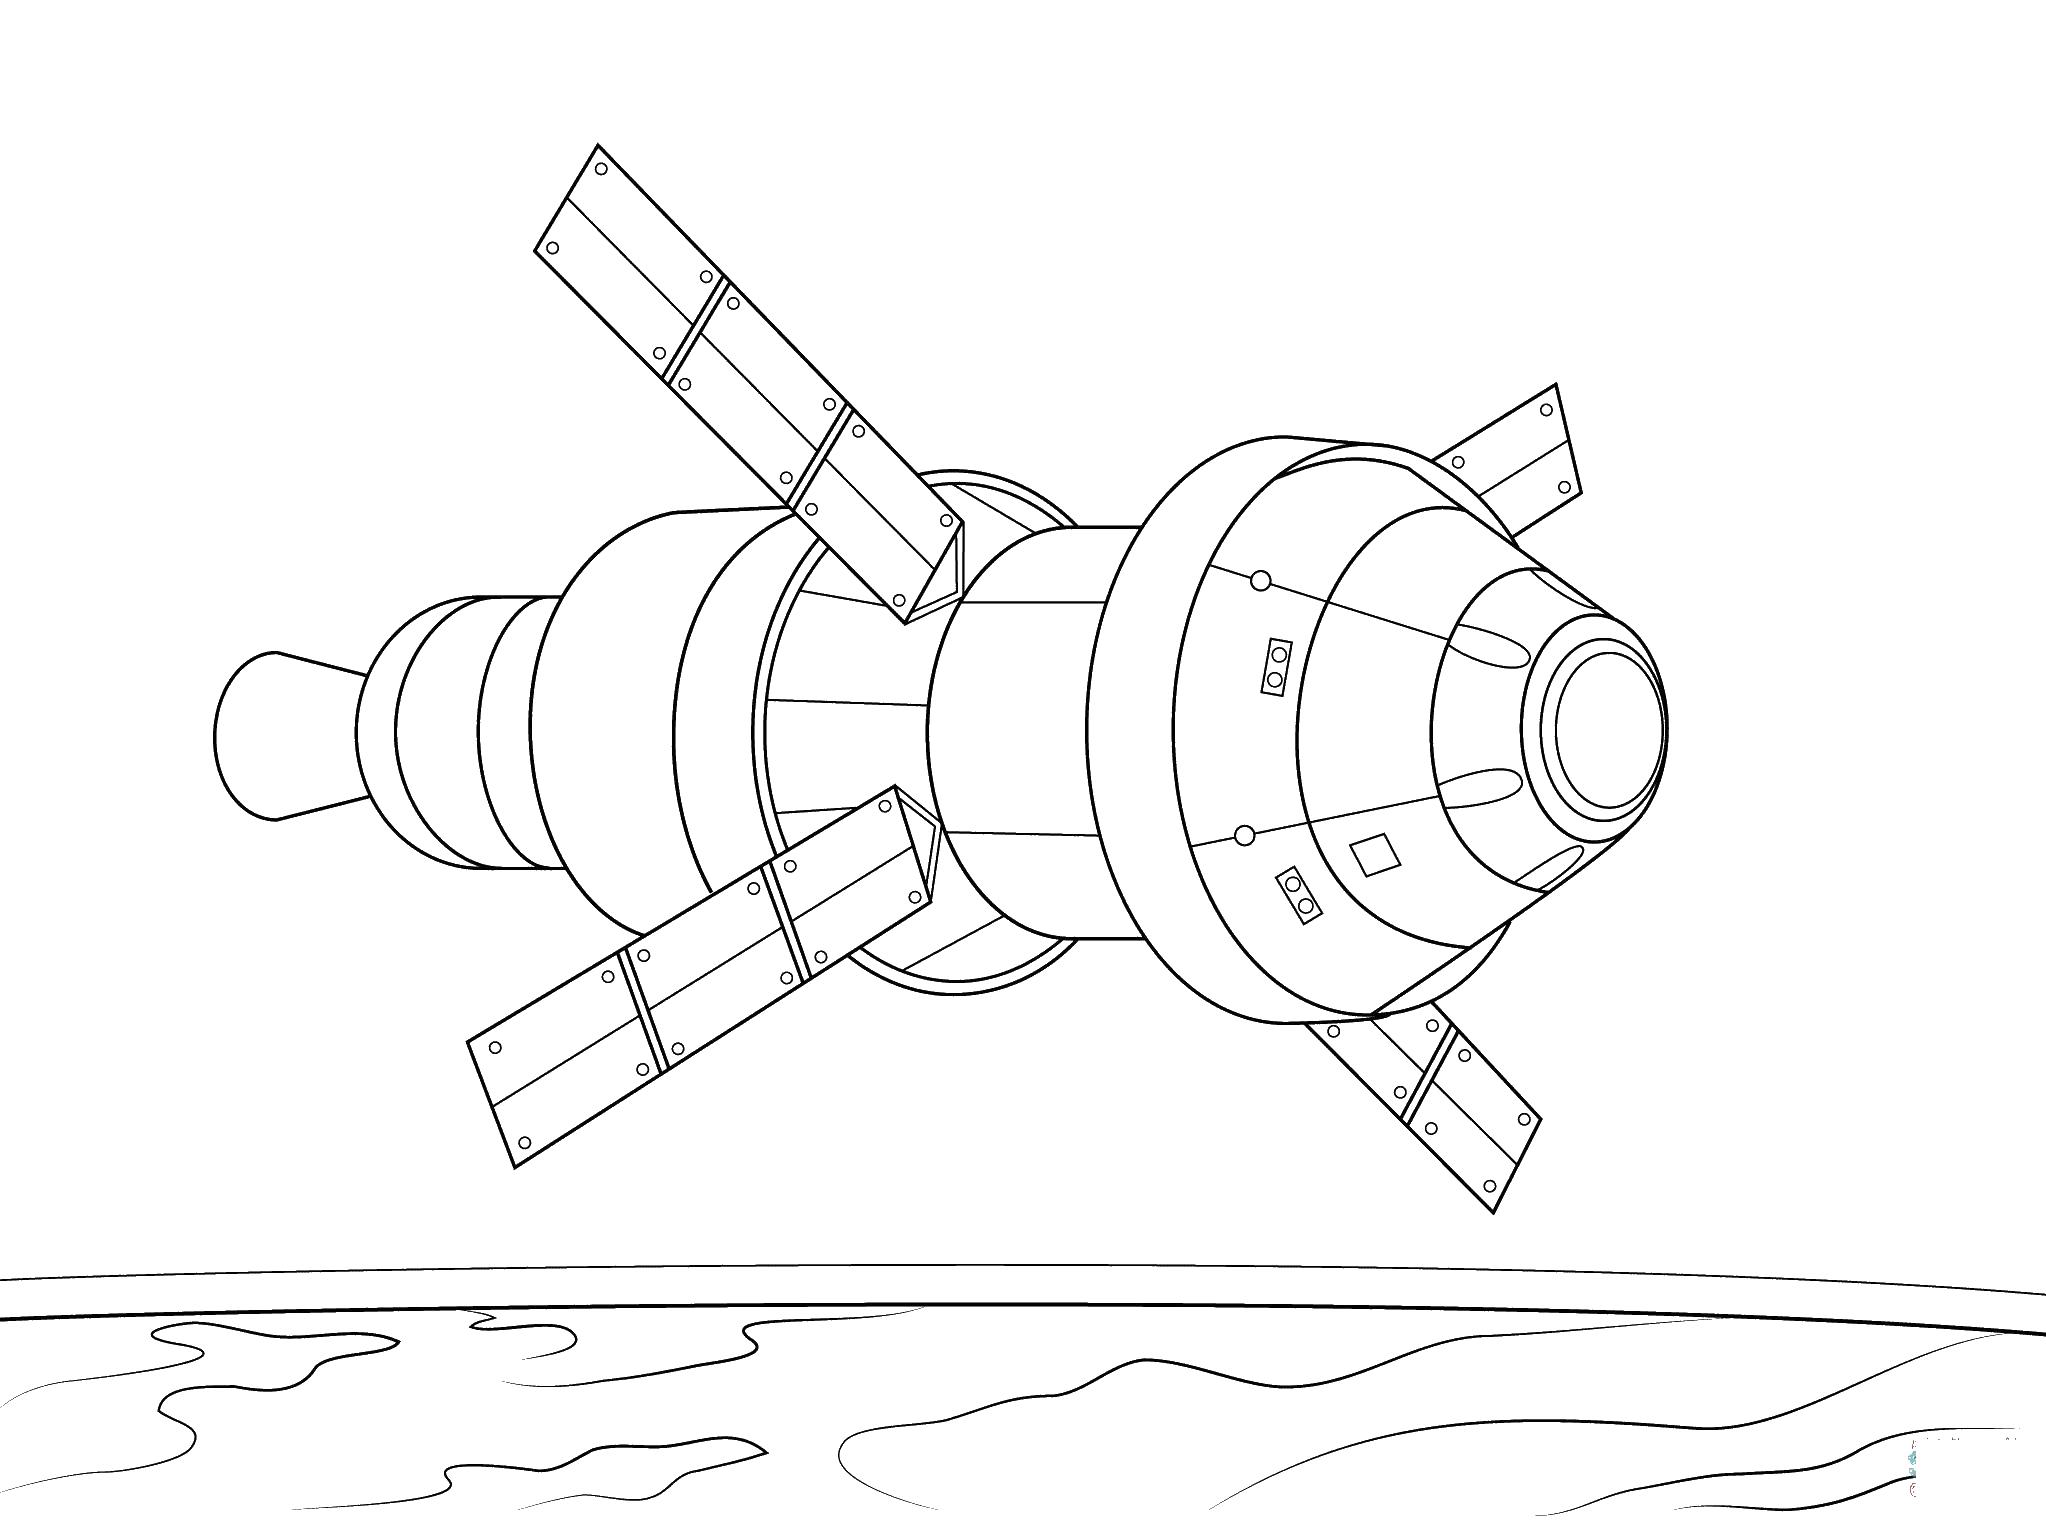 Спутник облетает землю Раскрашивать раскраски для мальчиков